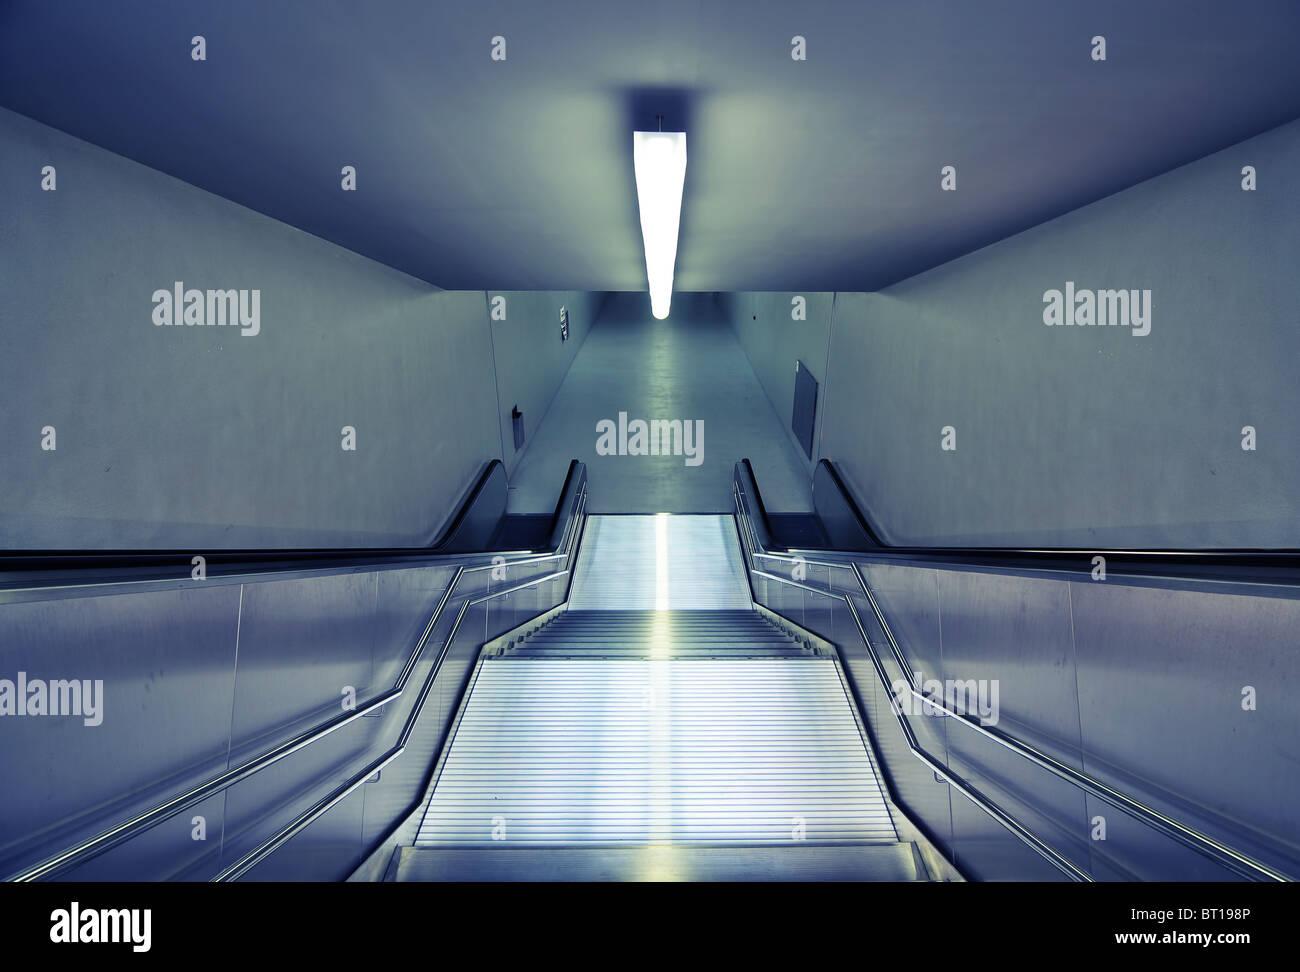 Vue vers le bas de l'escalier de la station de métro moderne en acier Photo Stock